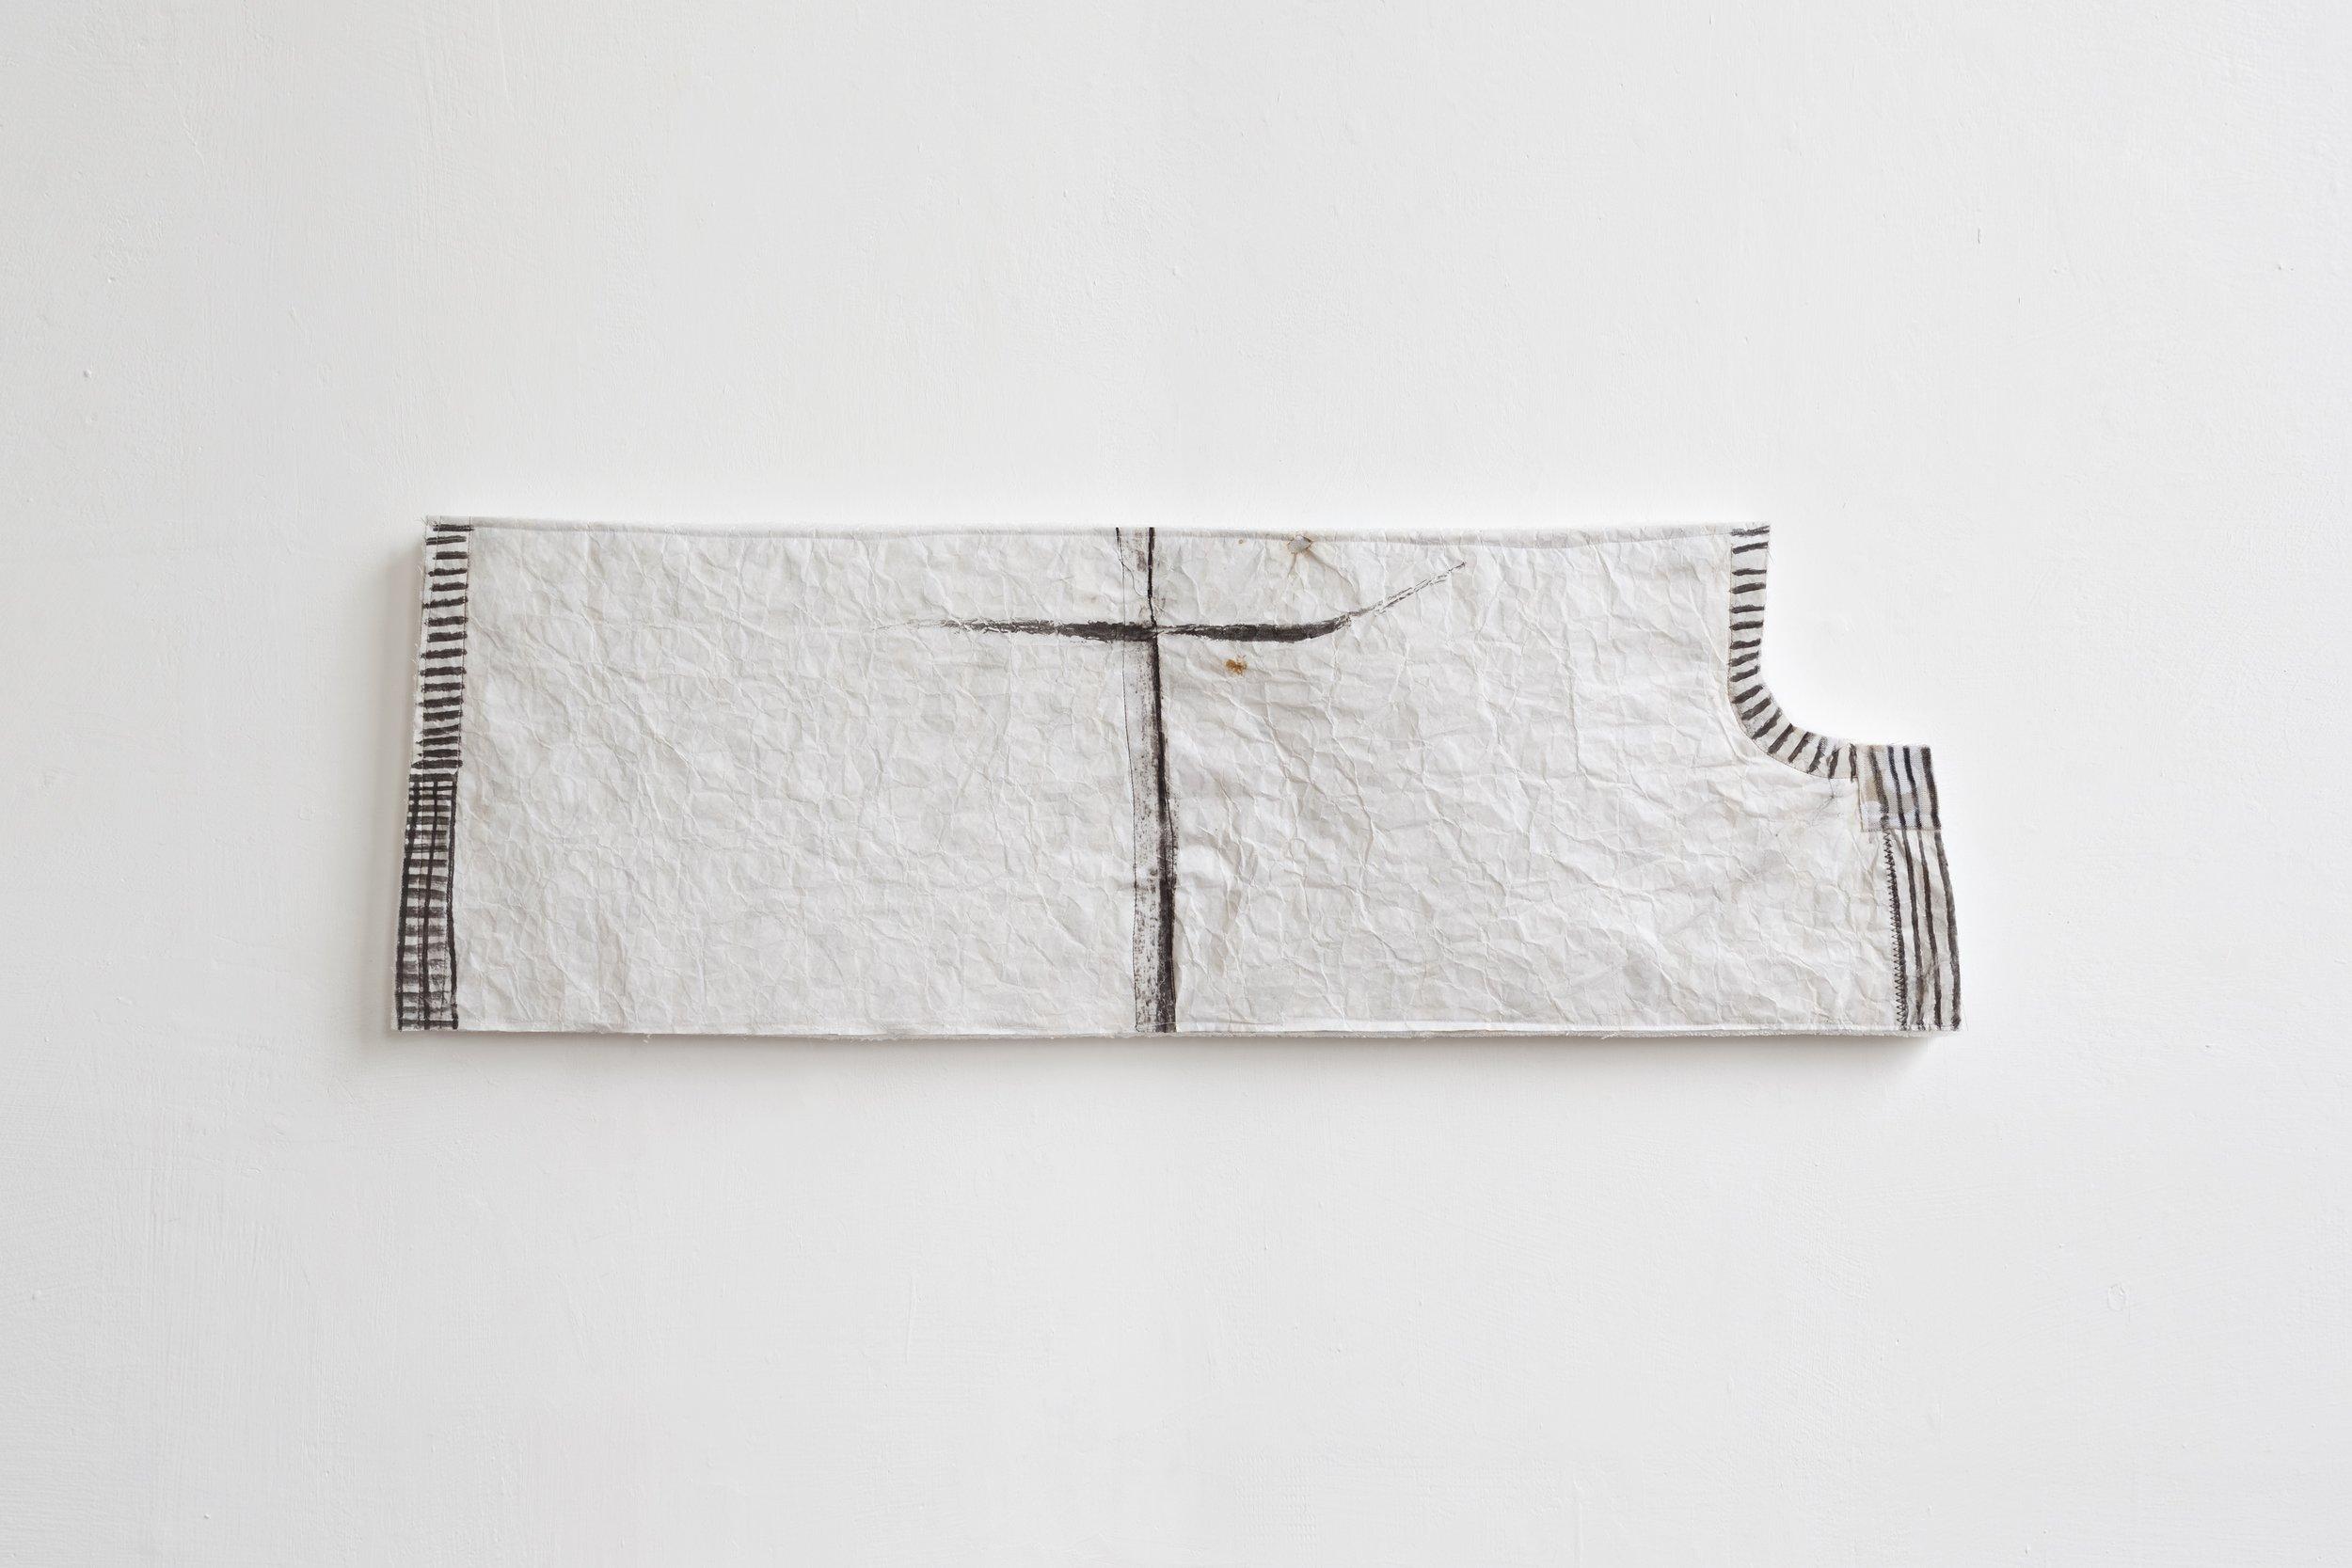 Do, undo, redo - fabric drawing #24 , 2017/19 - tecnica mista su tessuto e gomma spuma - cm 30x92x4